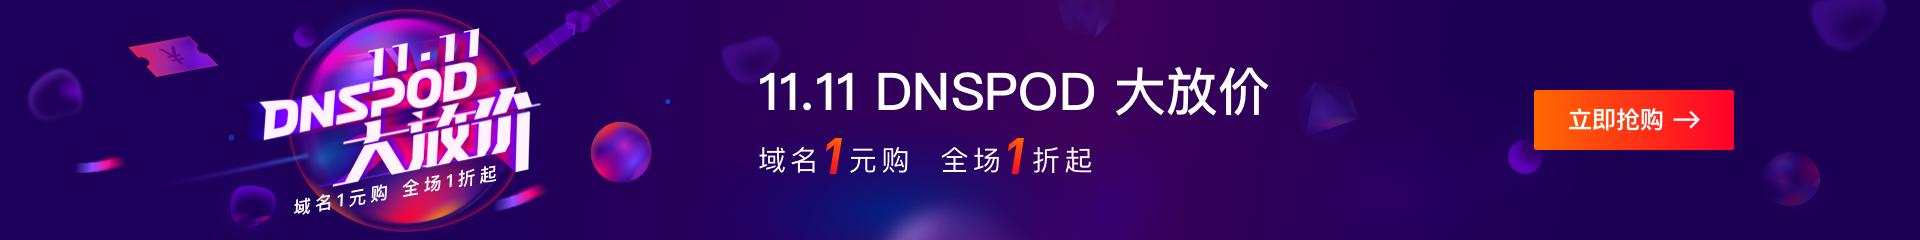 域名 1 元购,全场 1 折起!- DNSPod 11.11 狂欢季